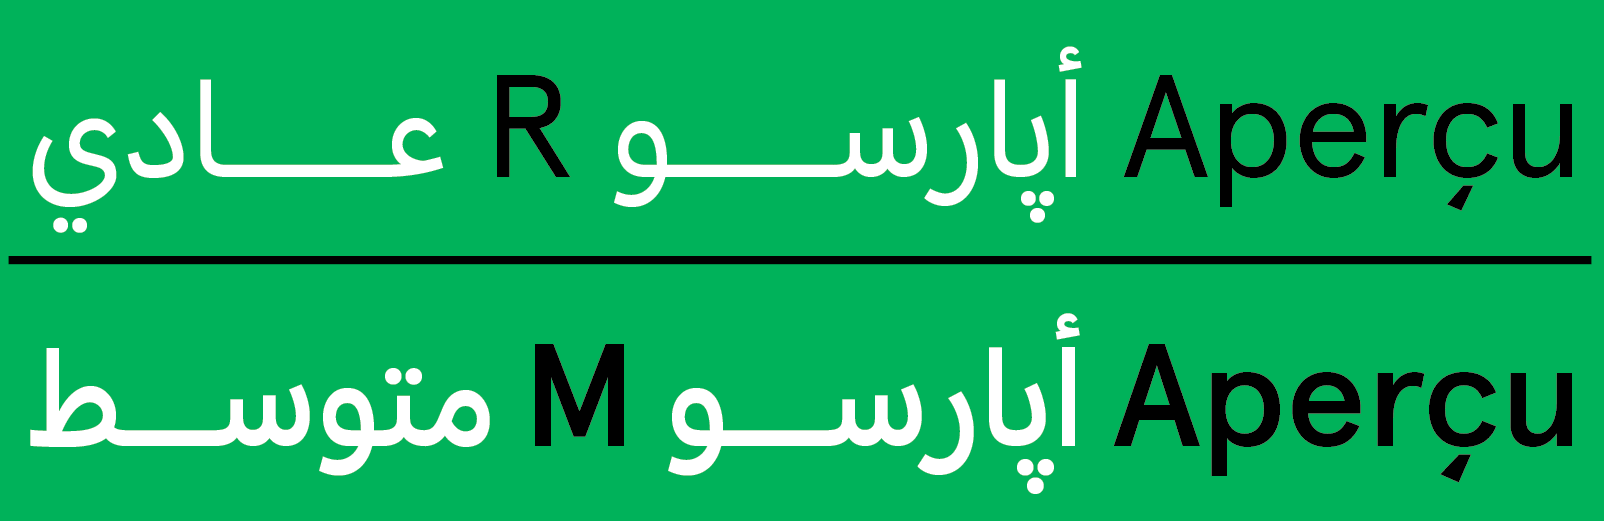 Aperçu Arabic